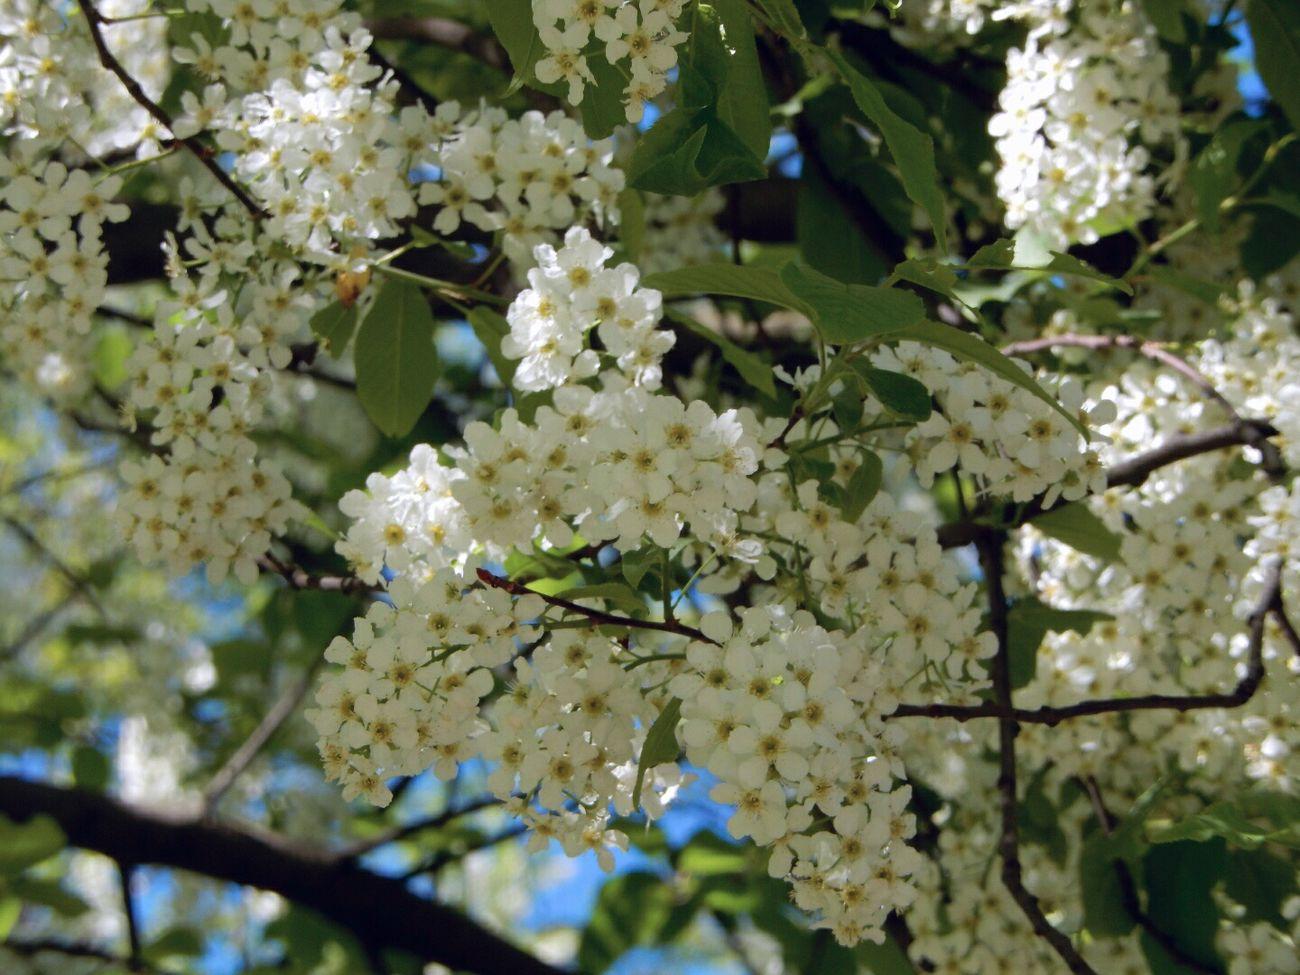 черёмуха душистая с весною расцвела:-) цветы весна солнечный день / The Bird Cherry Tree is in Blossom. Flowers Sunny Day Spring